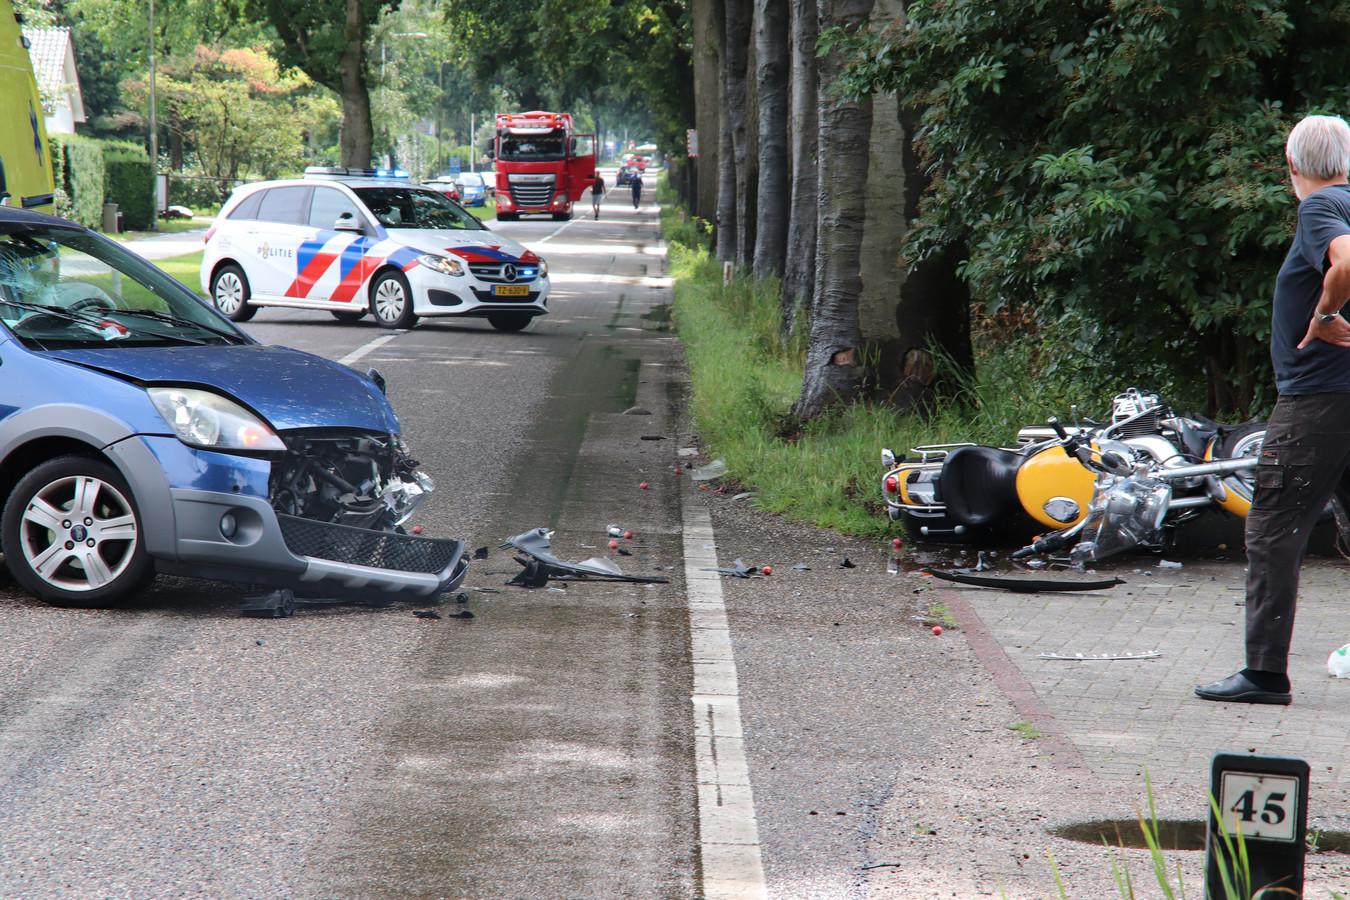 De ravage na de frontale botsing tussen de motor en een personenauto op de Wekeromseweg in Ede.   De motorrijder raakte gewond en moest naar het ziekenhuis. De weg werd afgesloten.